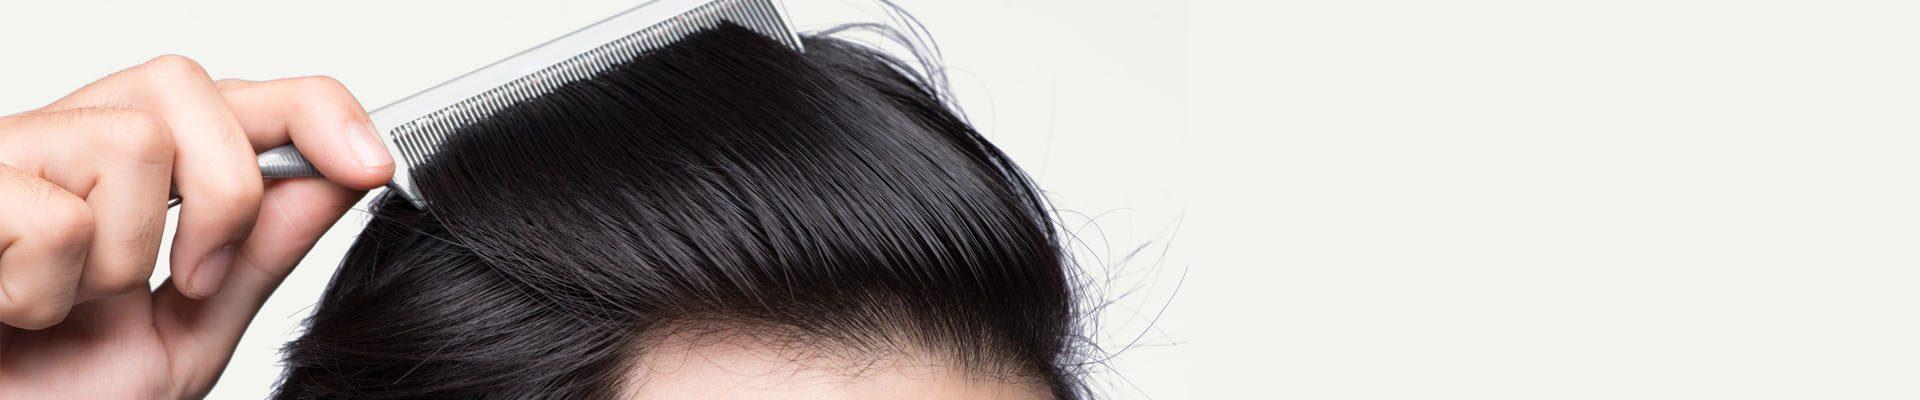 Μεταμόσχευση Μαλλιών (εμφύτευση)